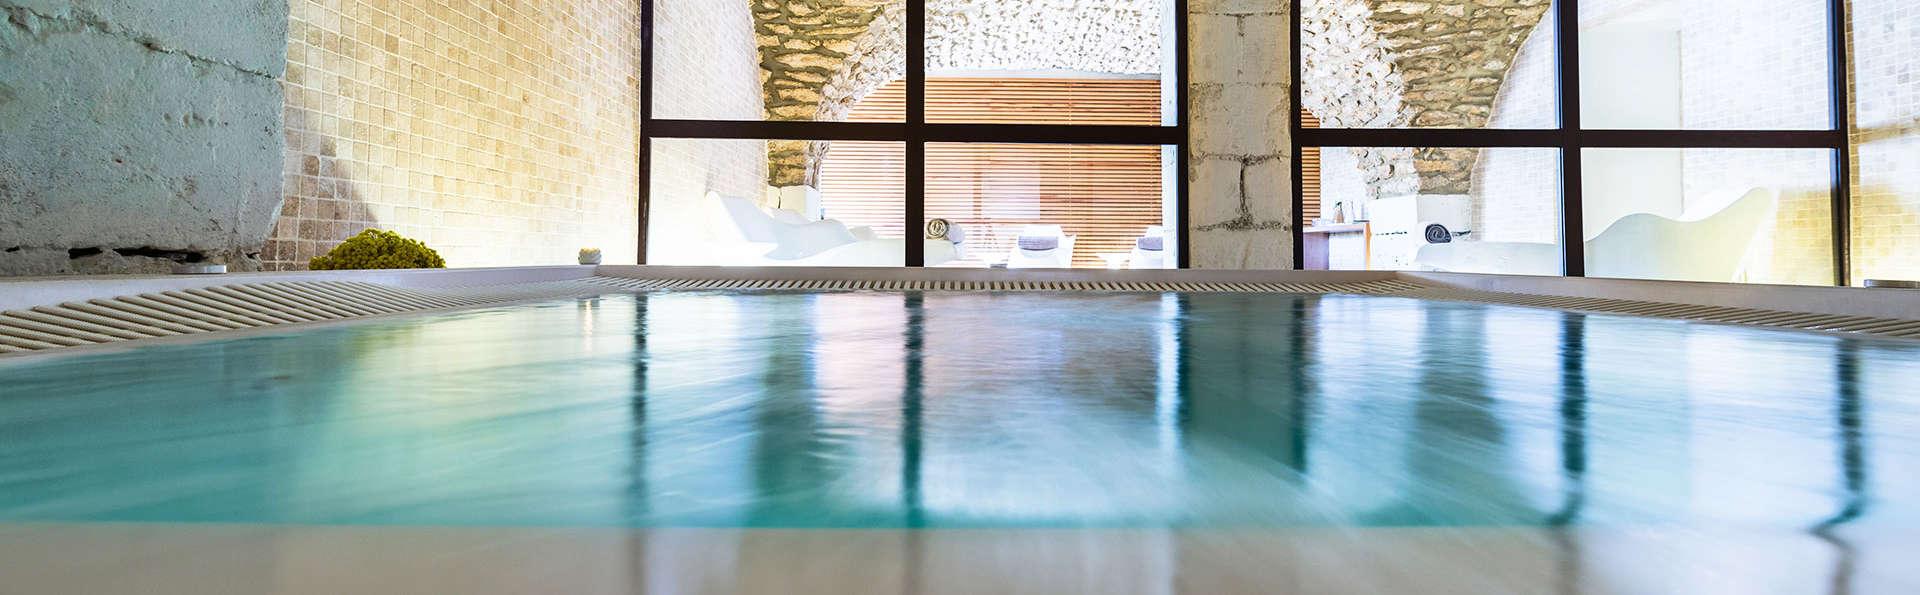 Offre spéciale: prolongez l'été dans un charmant hôtel de Provence !